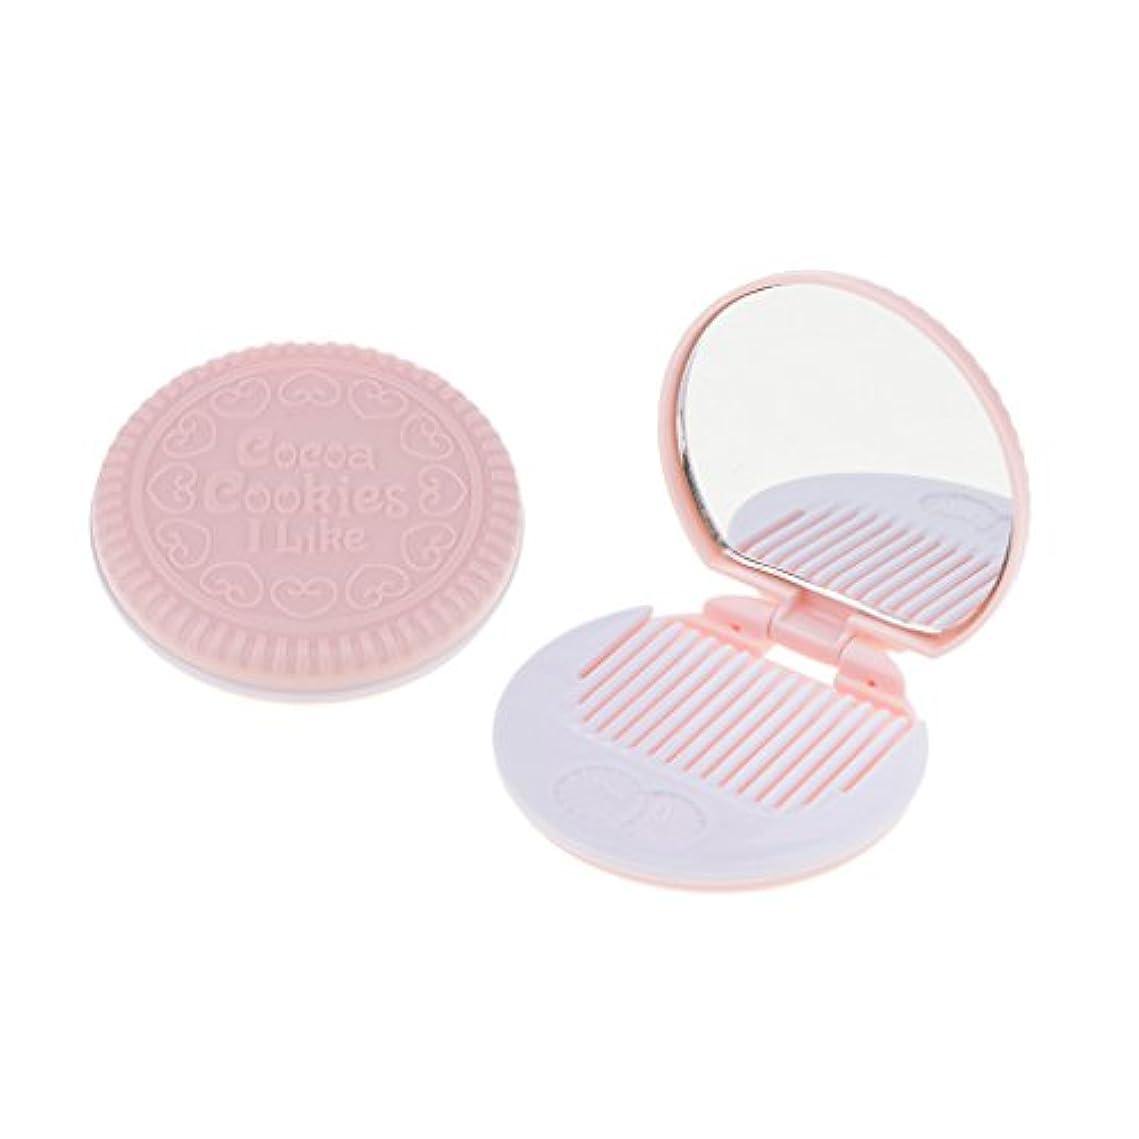 生活学生対立Baosity 2個入 メイクアップミラー 化粧ミラー 化粧鏡 コーム ポケットサイズ 可愛い ラウンド 折りたたみ  全4色   - ピンク